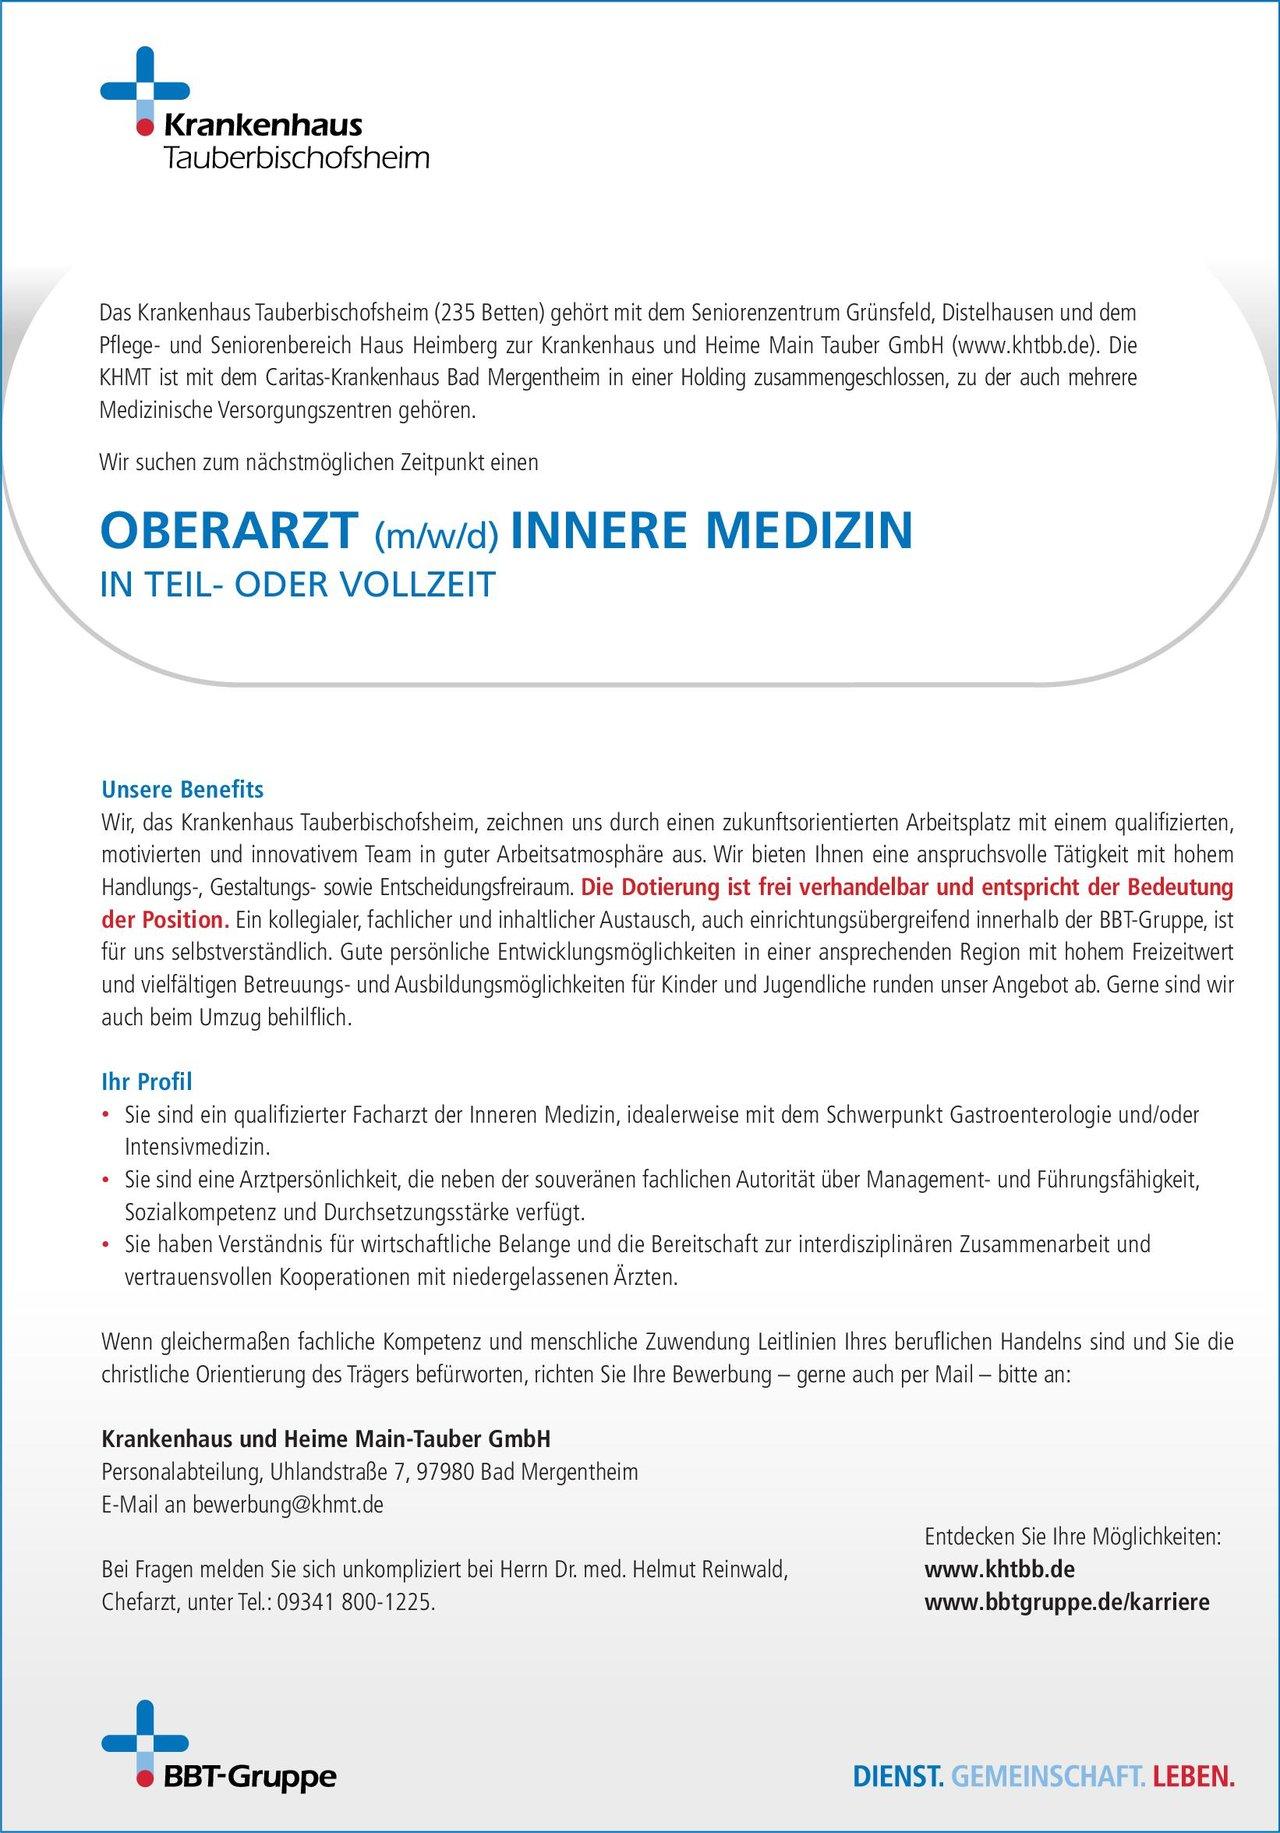 Krankenhaus Tauberbischofsheim Oberarzt (m/w/d) Innere Medizin in Teil- oder Vollzeit  Innere Medizin, Innere Medizin Oberarzt